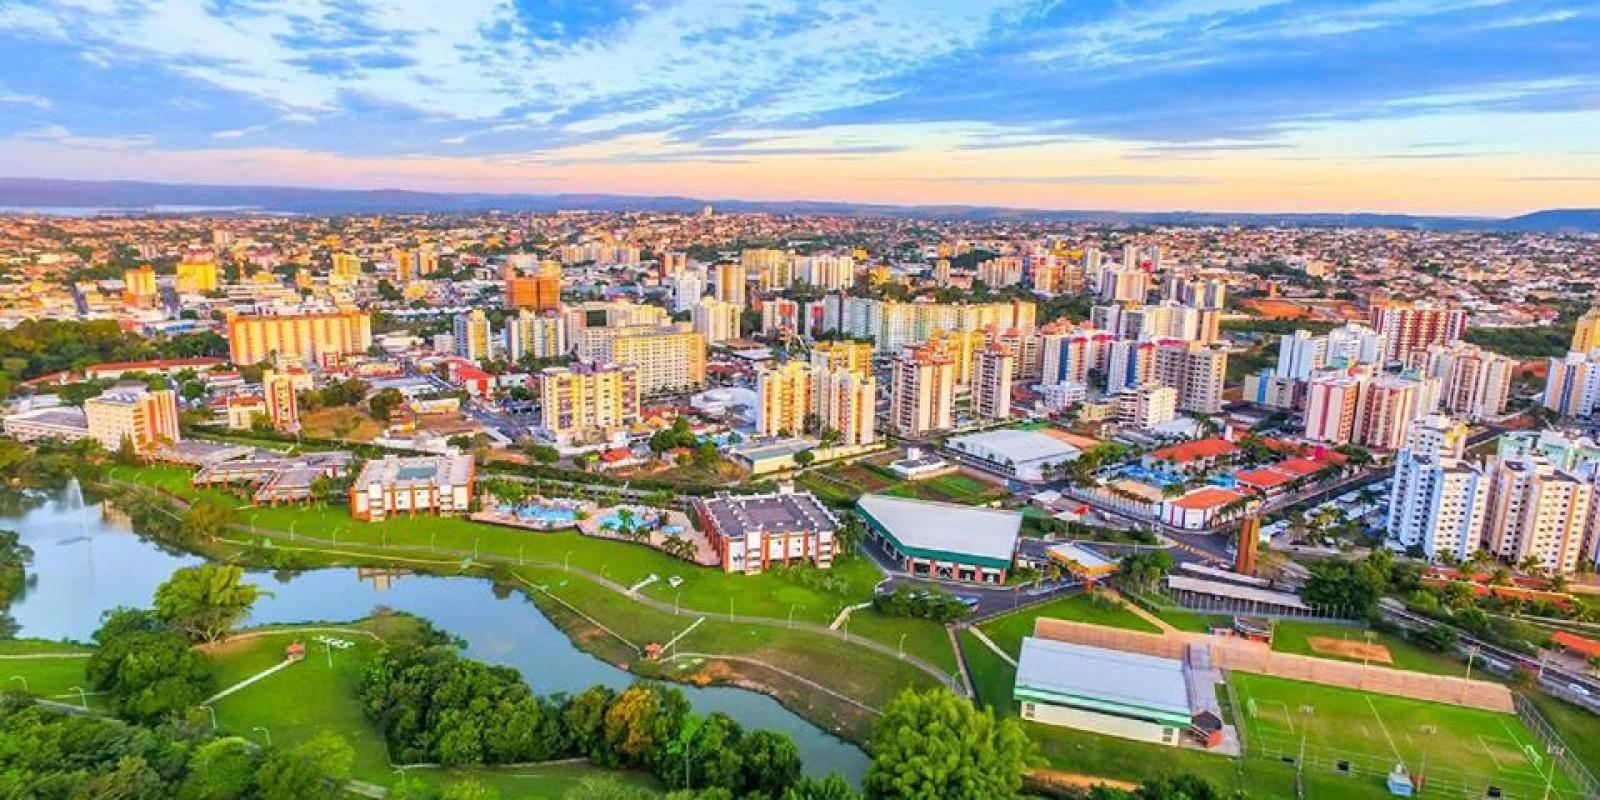 Invista em Caldas Novas, a região que mais cresce no Brasil